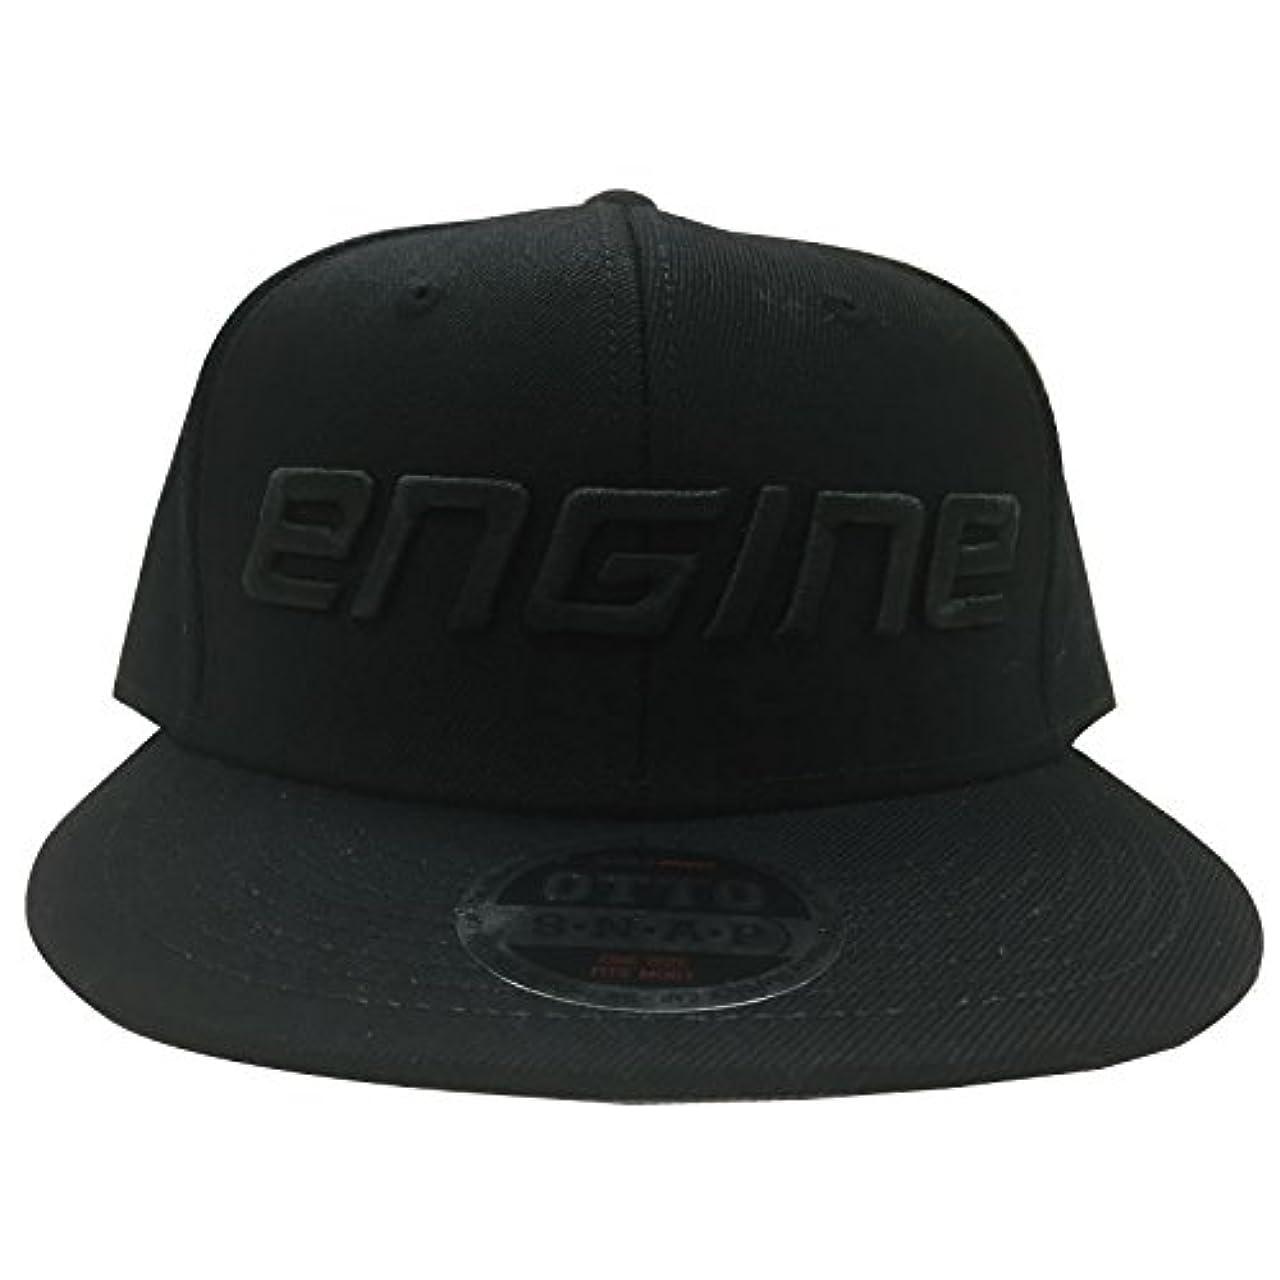 苦味比較裁定エンジン(ENGINE) フラットバイザーキャップ モデルI ブラック&ブラック.